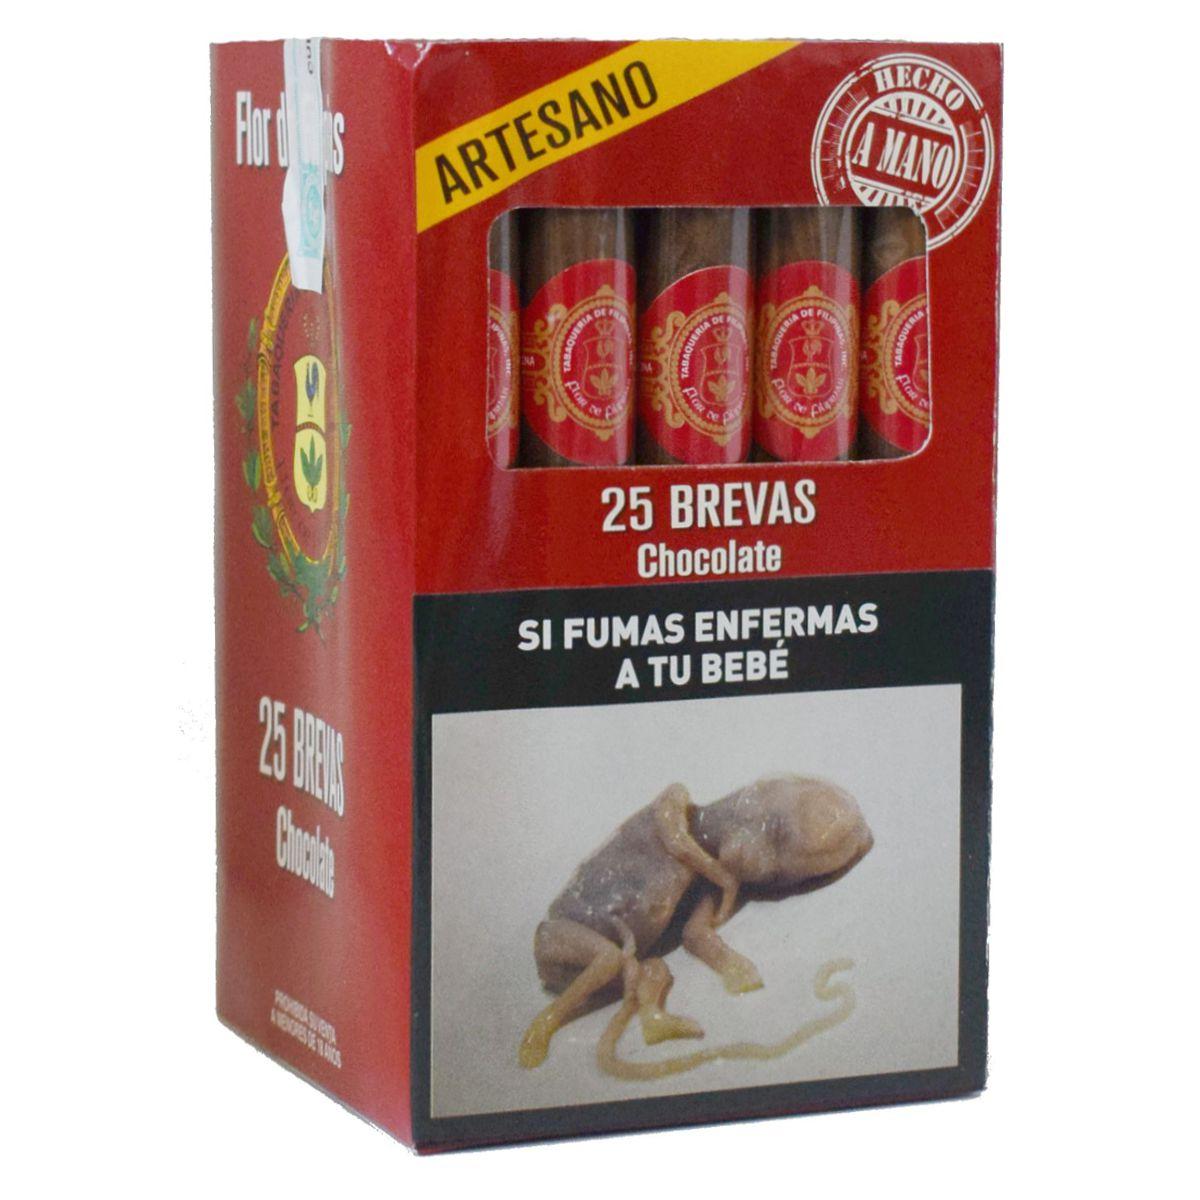 cigarros brevas chocolate venta online